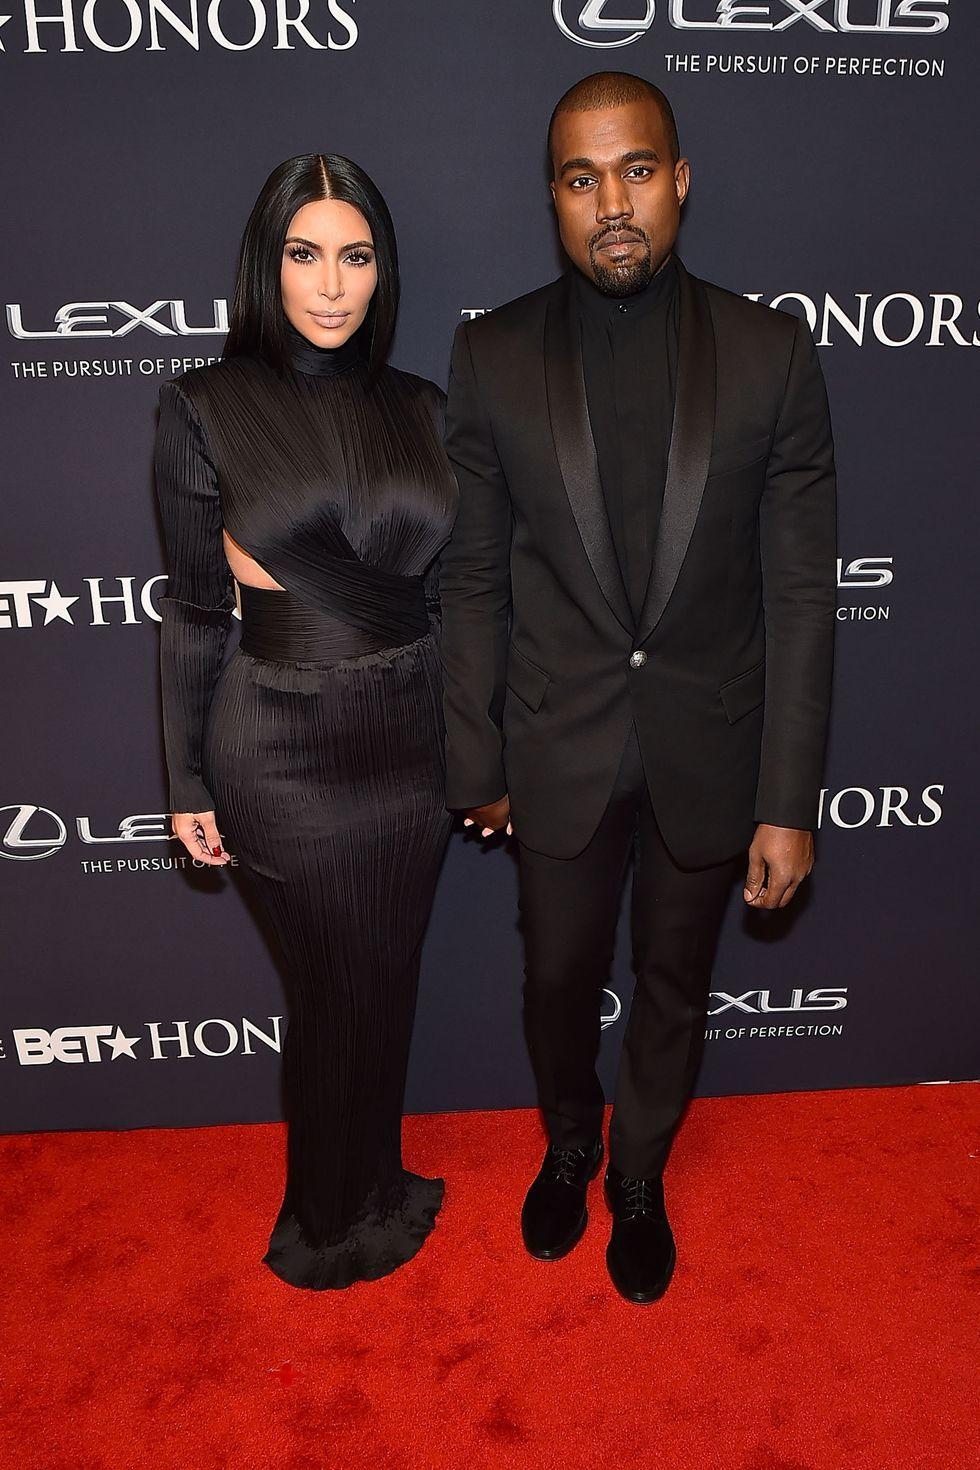 Bukti Kim Kardashian dan Kanye West Punya Gaya yang Kompak Banget